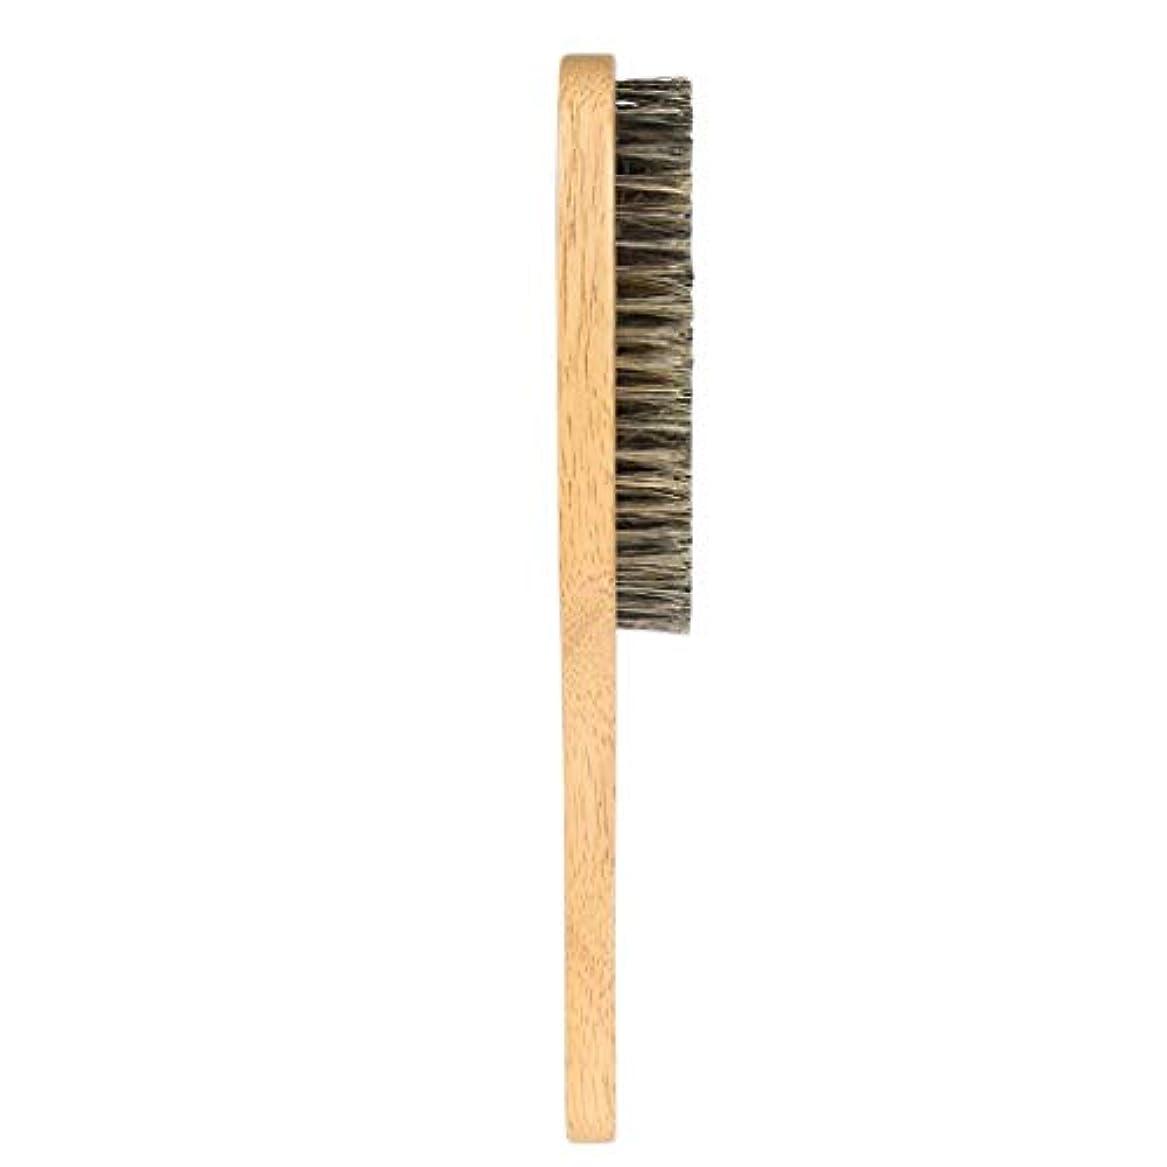 羊のブルジョン発火するToygogo 男性合成繊維ひげ口ひげブラシ顔毛シェービングブラシw/ハンドル